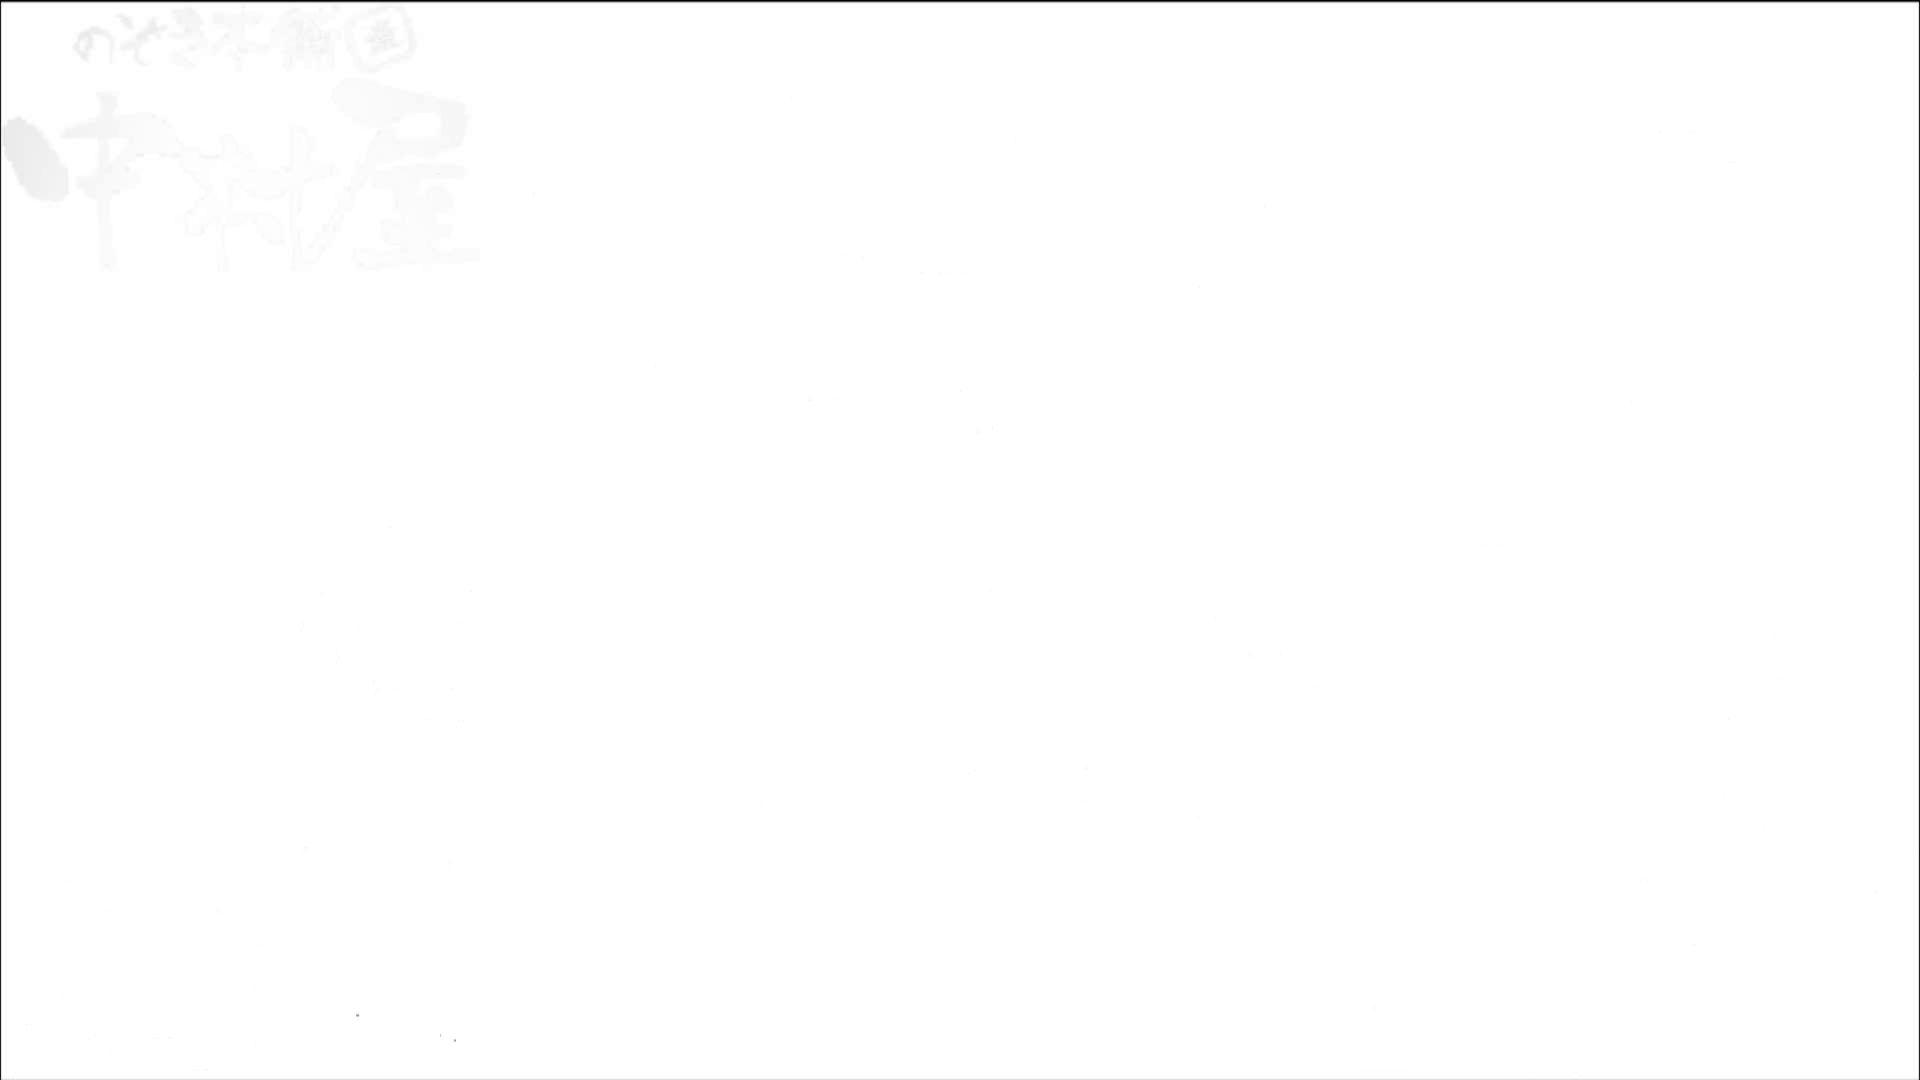 巨乳おまんこ:第三体育館潜入撮File008 瞬間移動、隙間からじっとピチピチを覗く:ピープフォックス(盗撮狐)